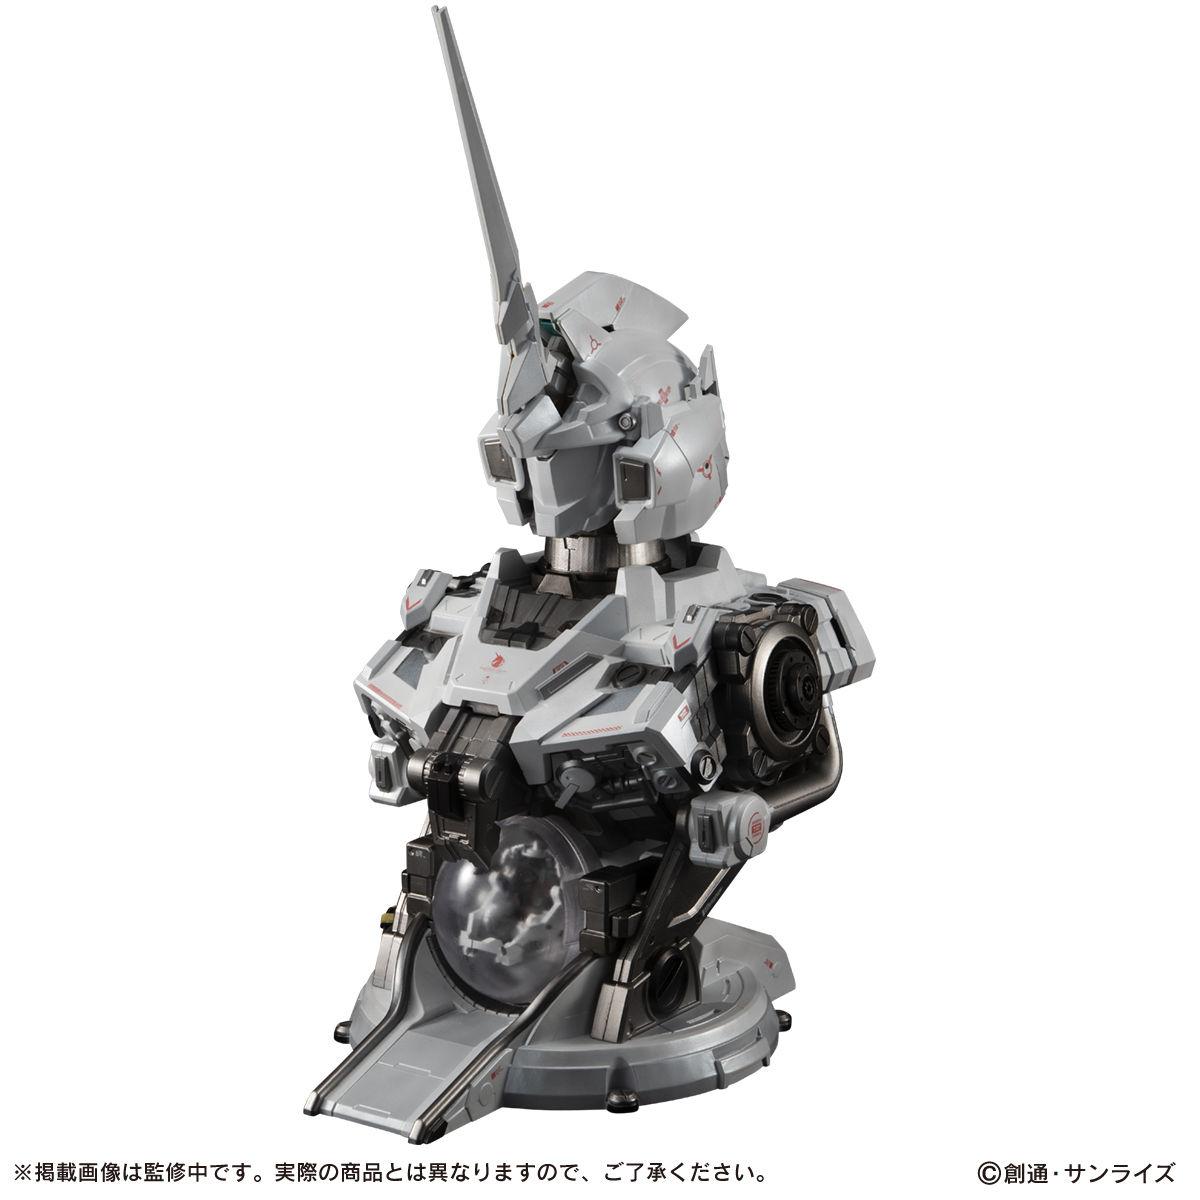 【限定販売】ガシャポンマシン『ULTIMATE MECHANIX-UNICORN GUNDAM-』ガンダムUC 可動フィギュア-002